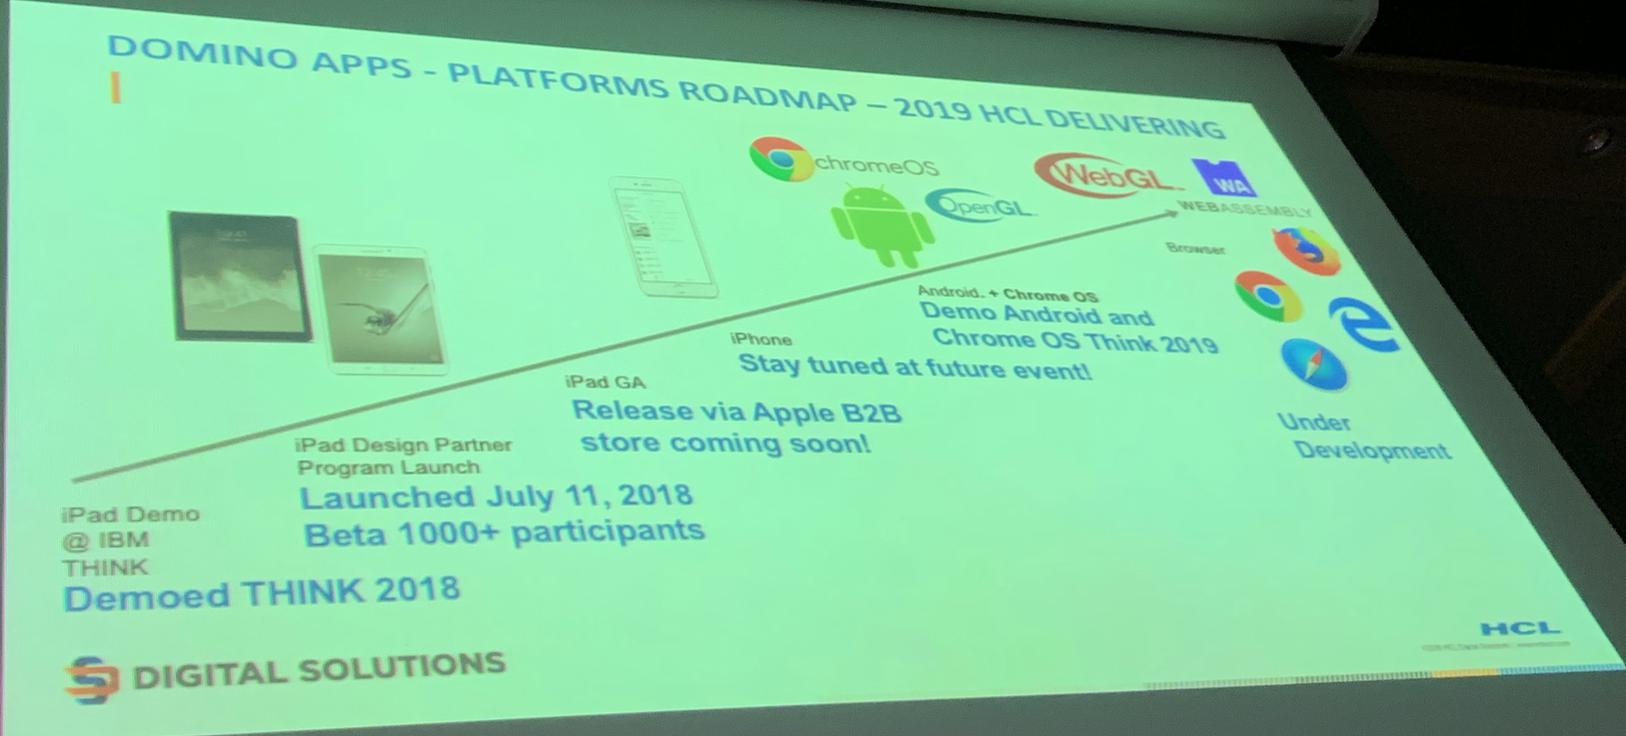 Nomad roadmap chart